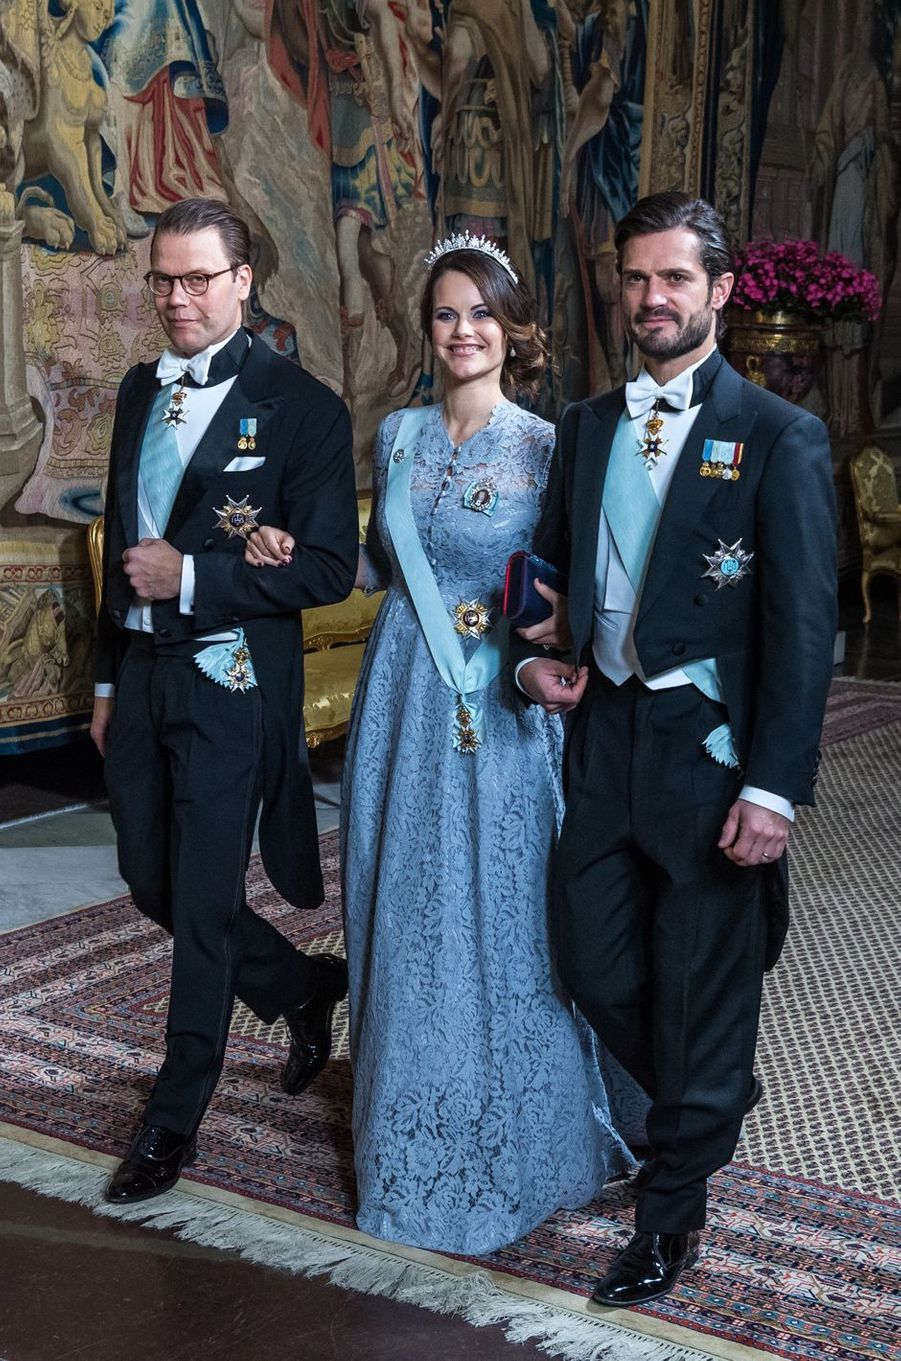 La princesse Sofia et les princes Daniel et Carl Philip de Suède à Stockholm, le 23 novembre 2017